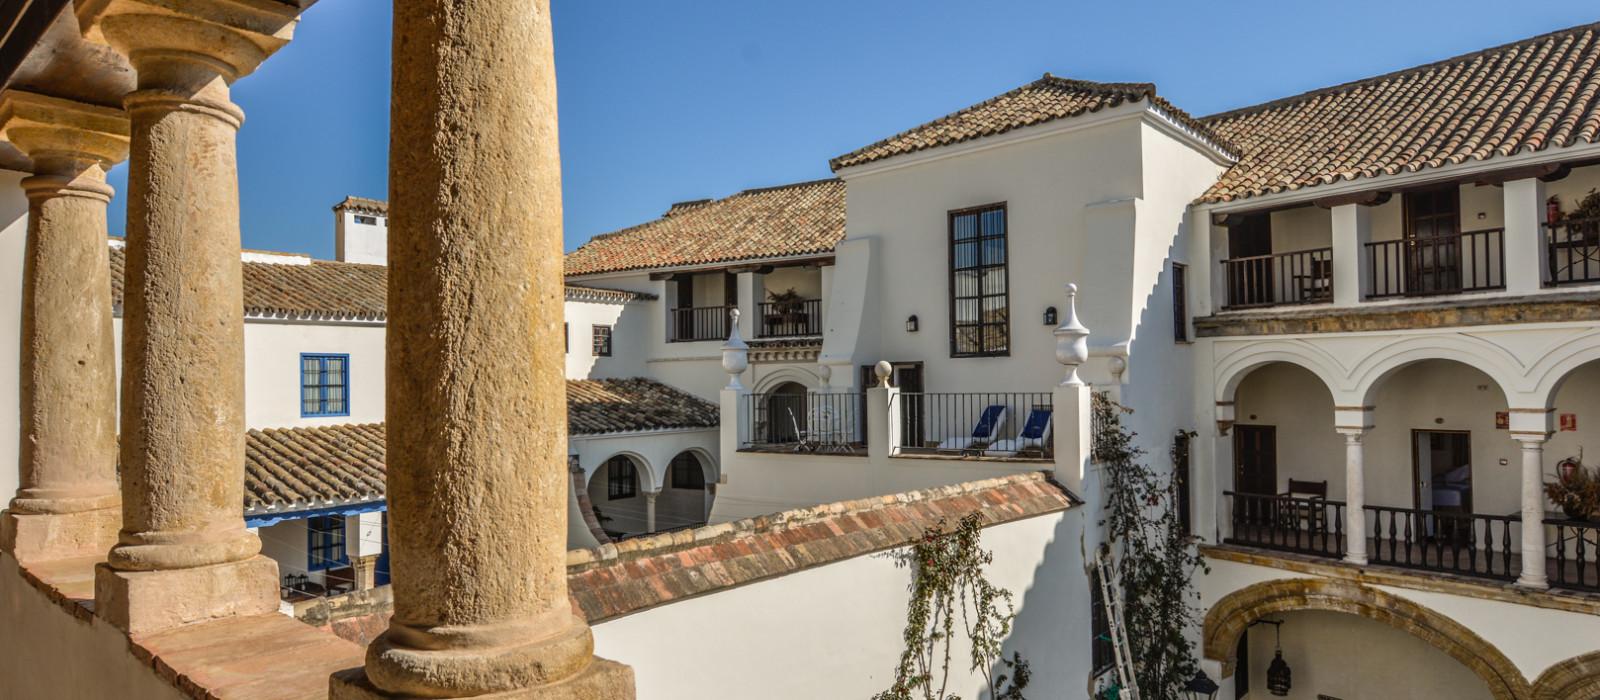 Hotel Las Casas de la Judería de Córdoba Spain